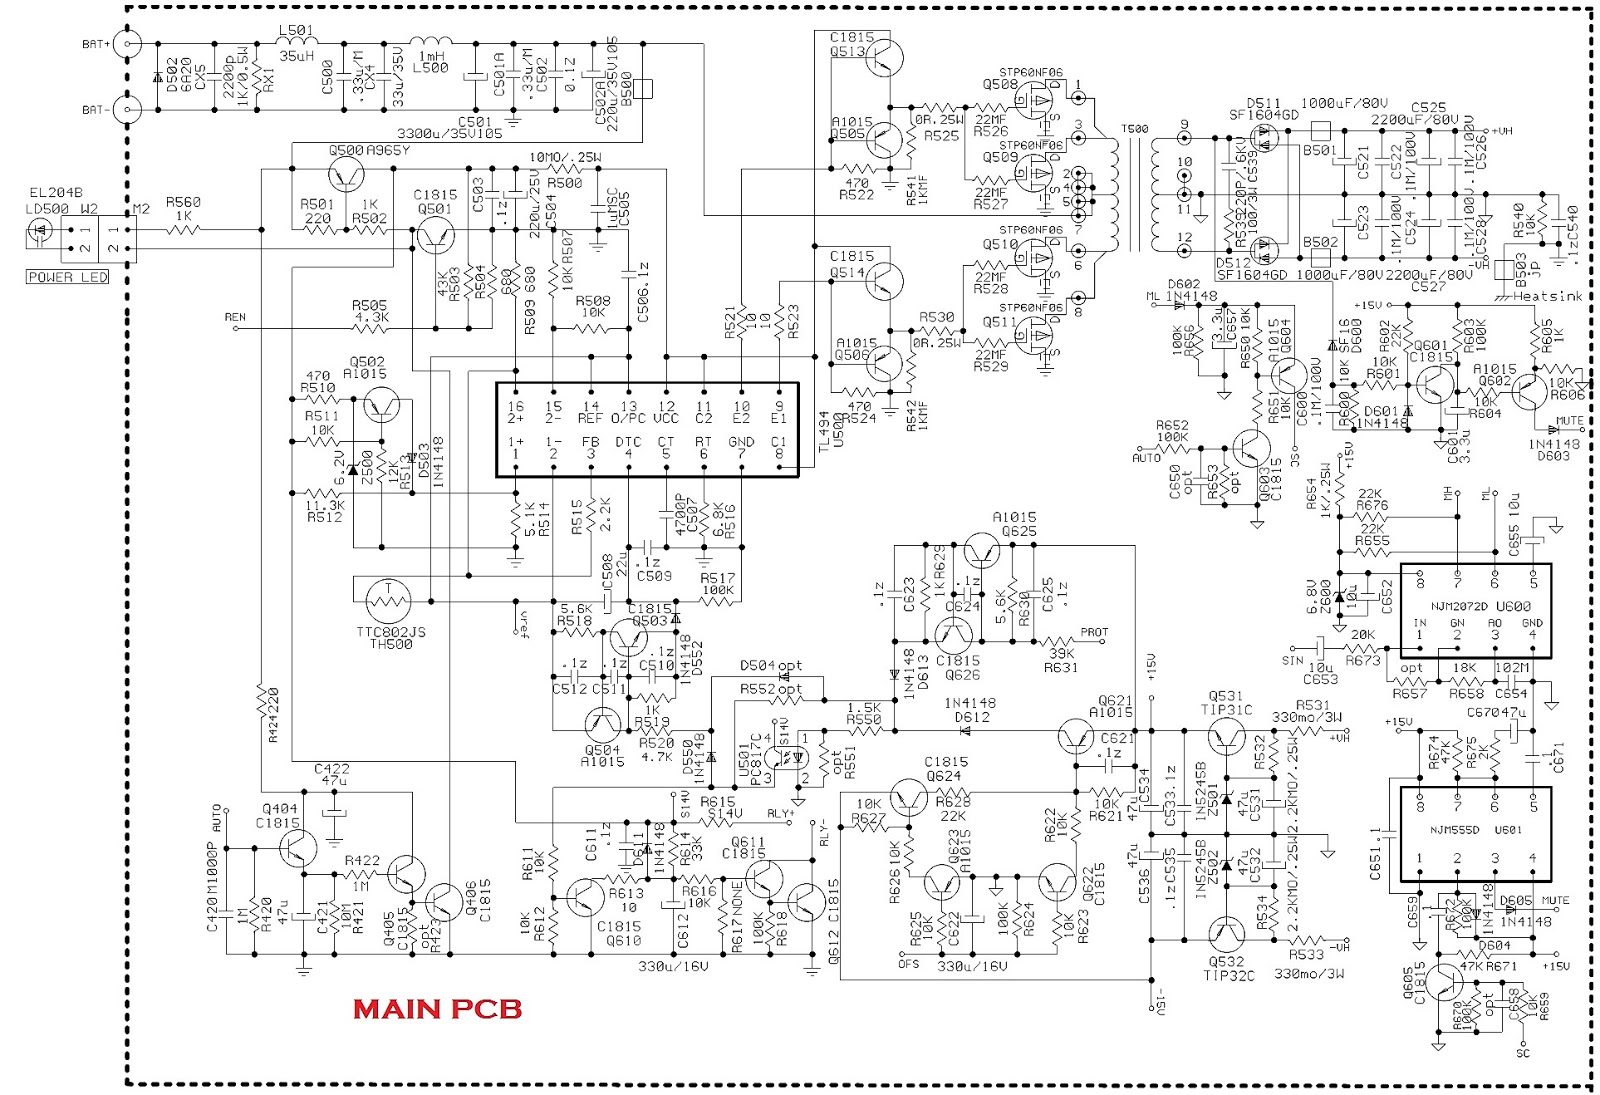 infiniti g35 radio wiring diagram free image about wiring diagram [ 1600 x 1095 Pixel ]